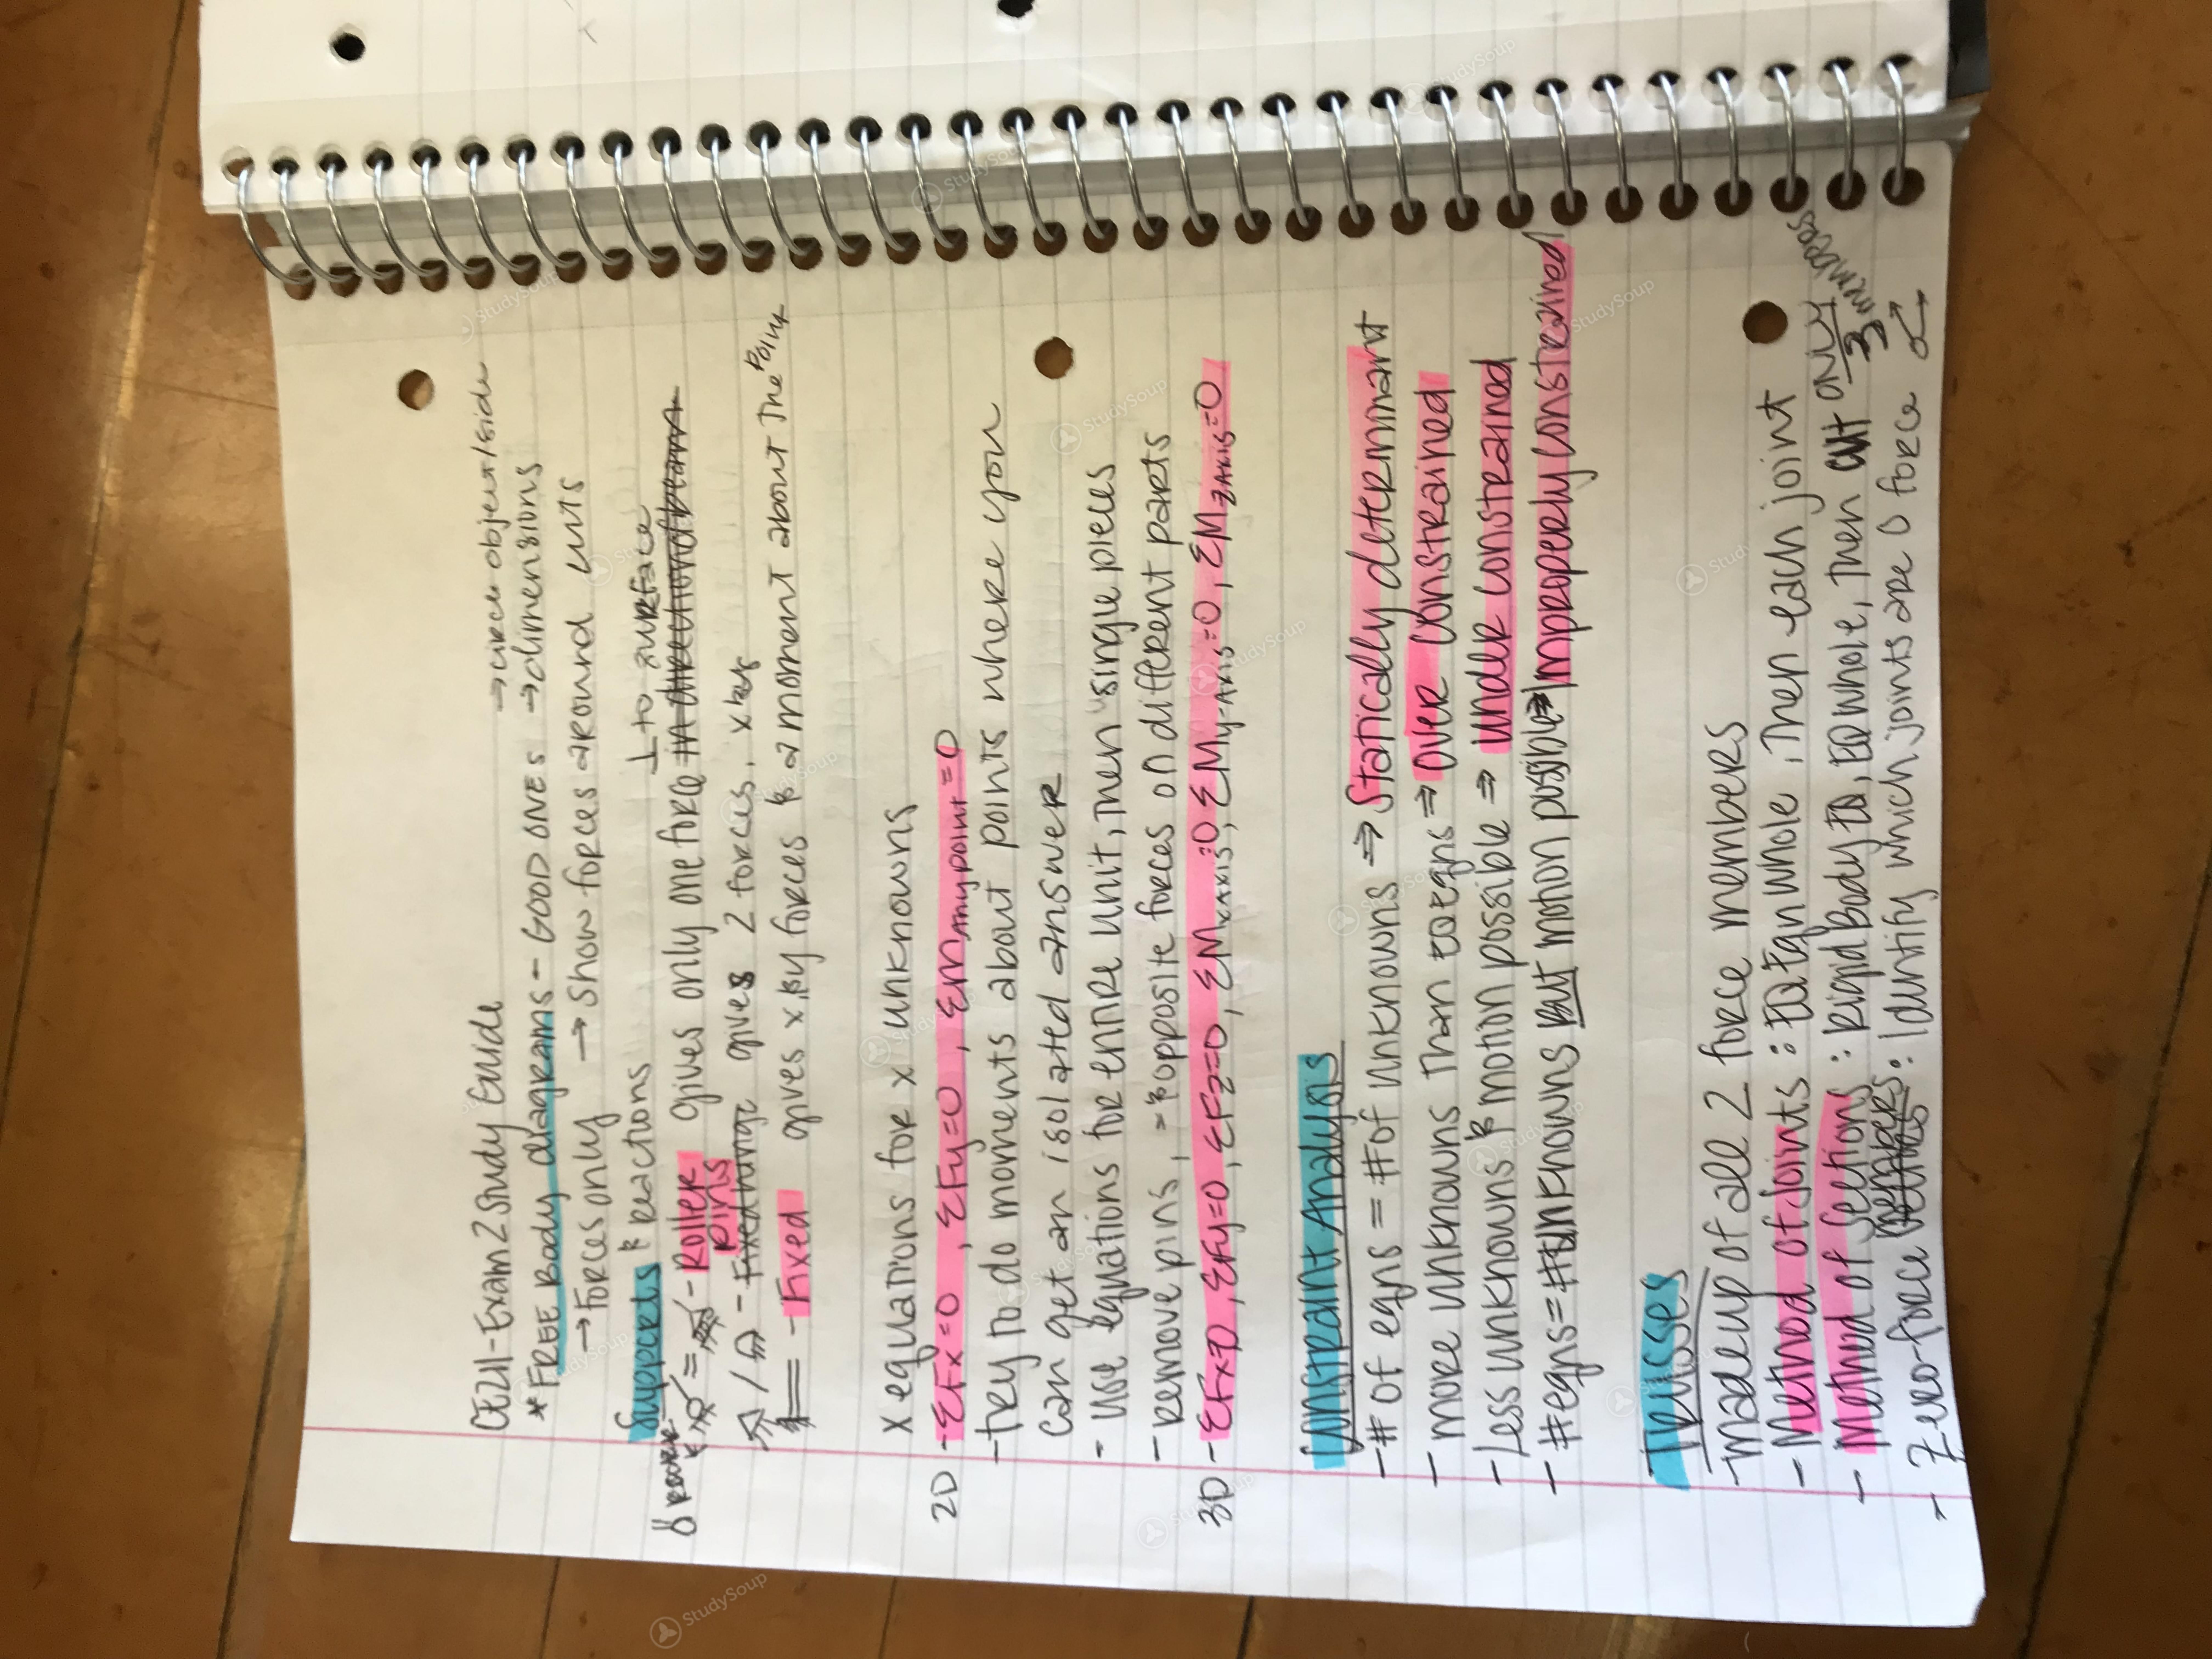 wsu ce 211 ce 211 exam 2 study guide study guide studysoup rh studysoup com Social Studies Study Guide Study Guide Clip Art